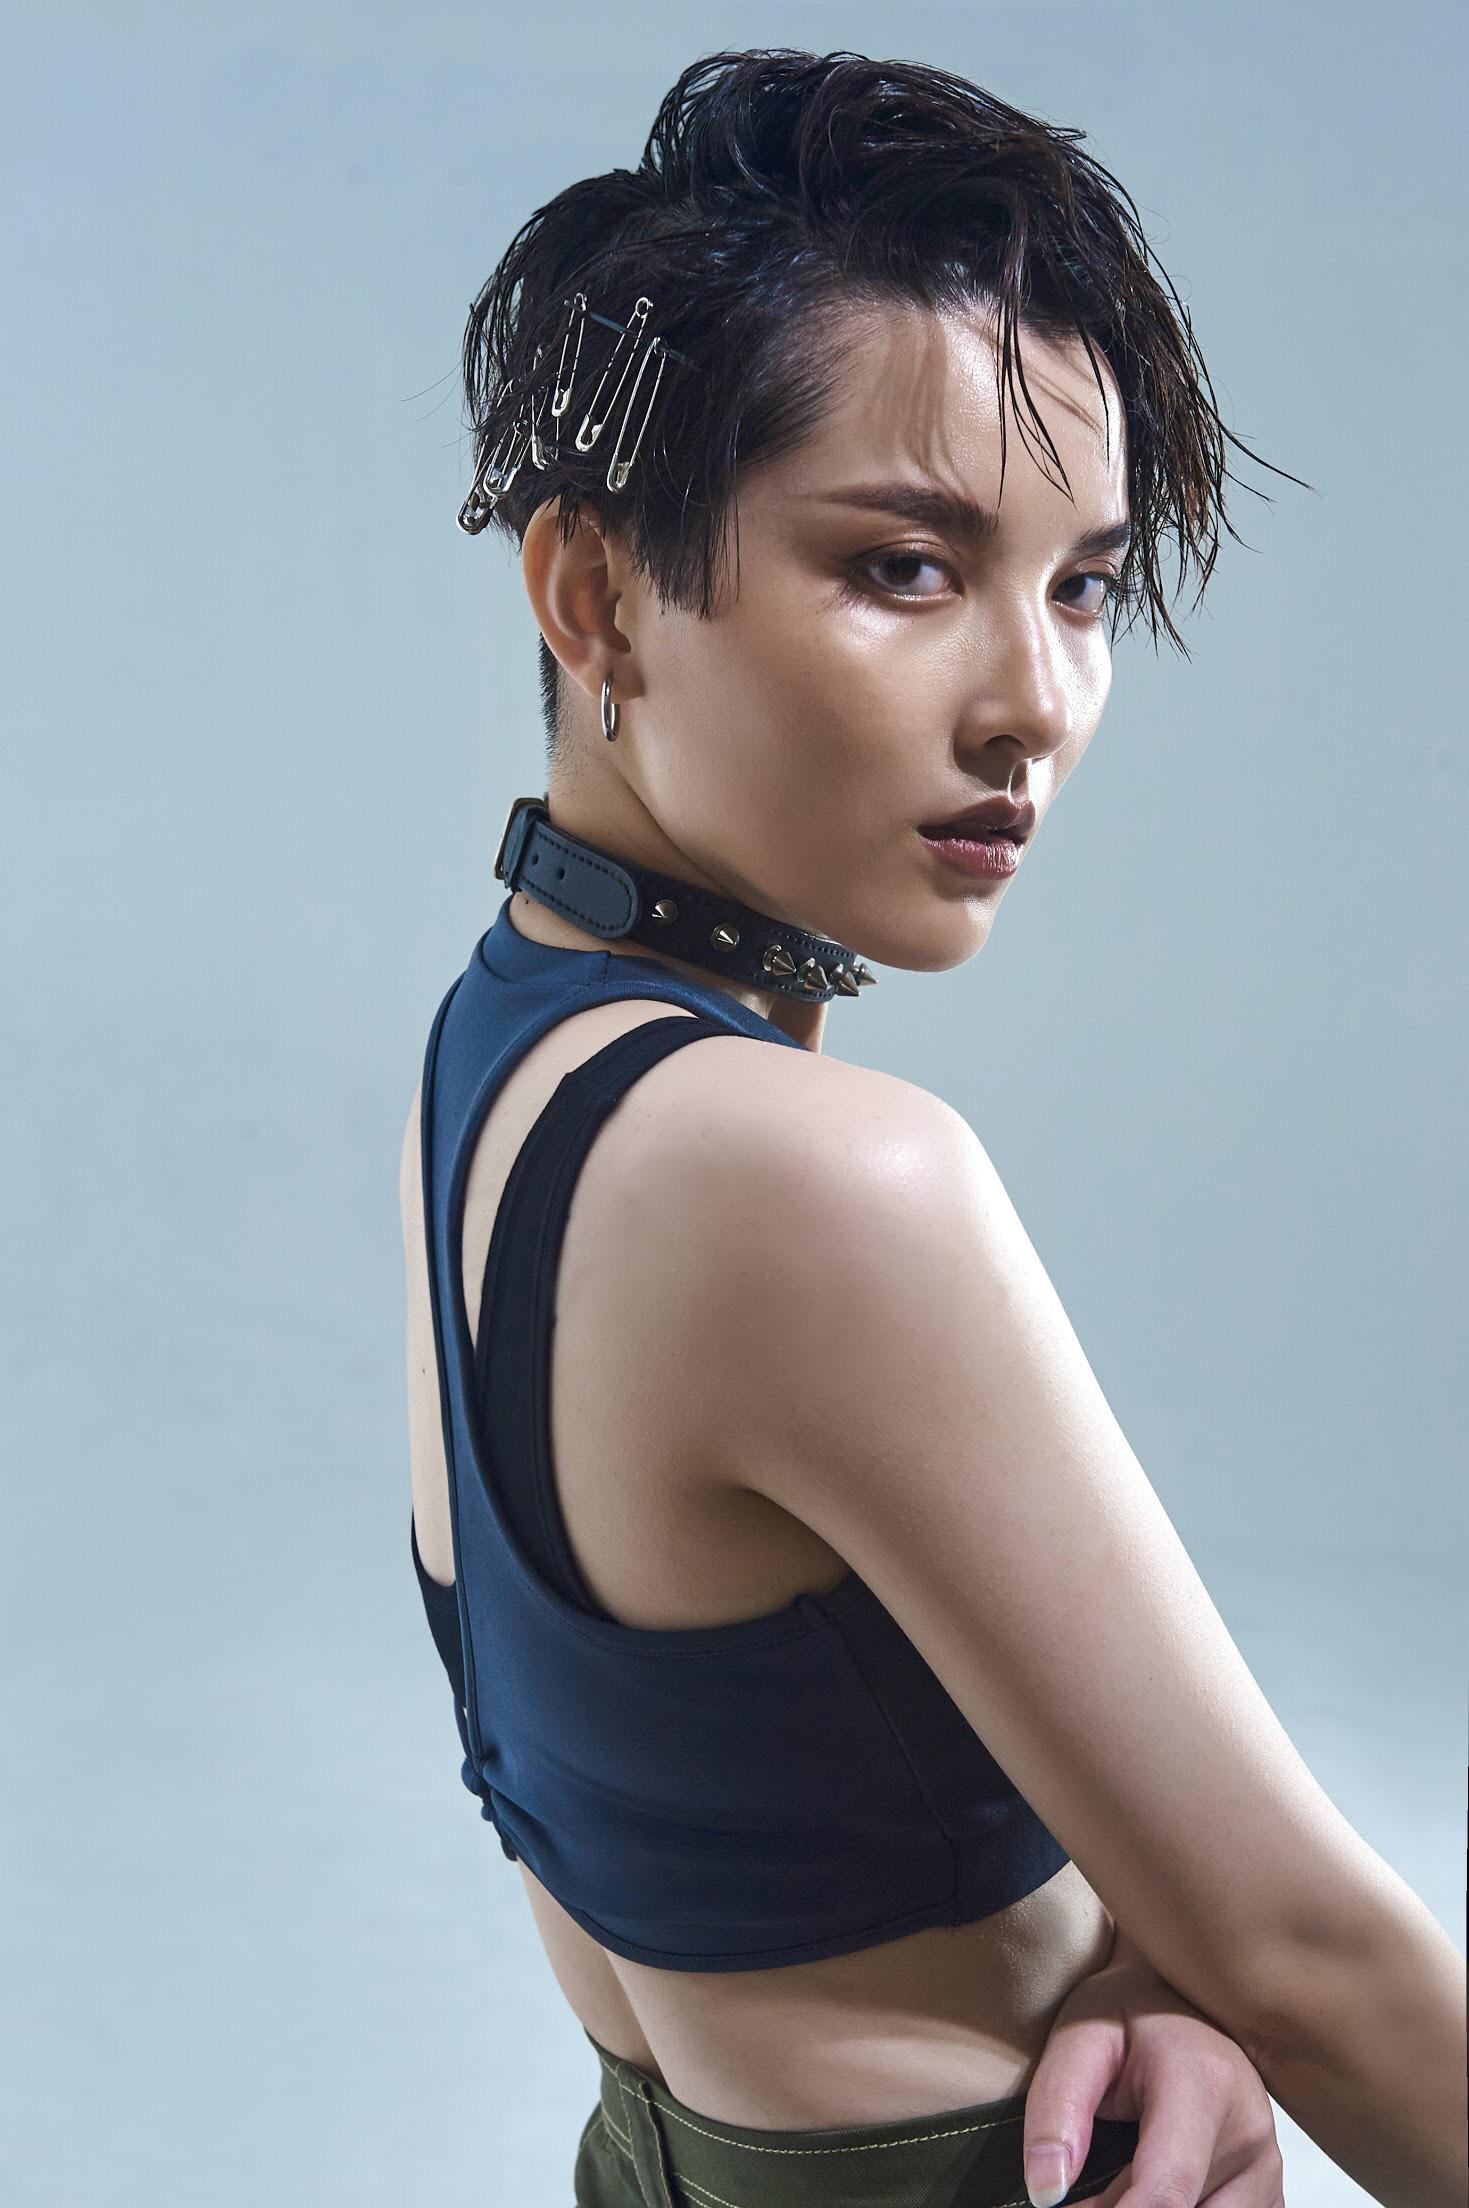 Đầu tư khủng không kém gì váy áo chính là kiểu tóc của dàn mỹ nhân Việt: Tẩy, uốn, vuốt keo, đính phụ kiện đều đủ cả - Ảnh 3.